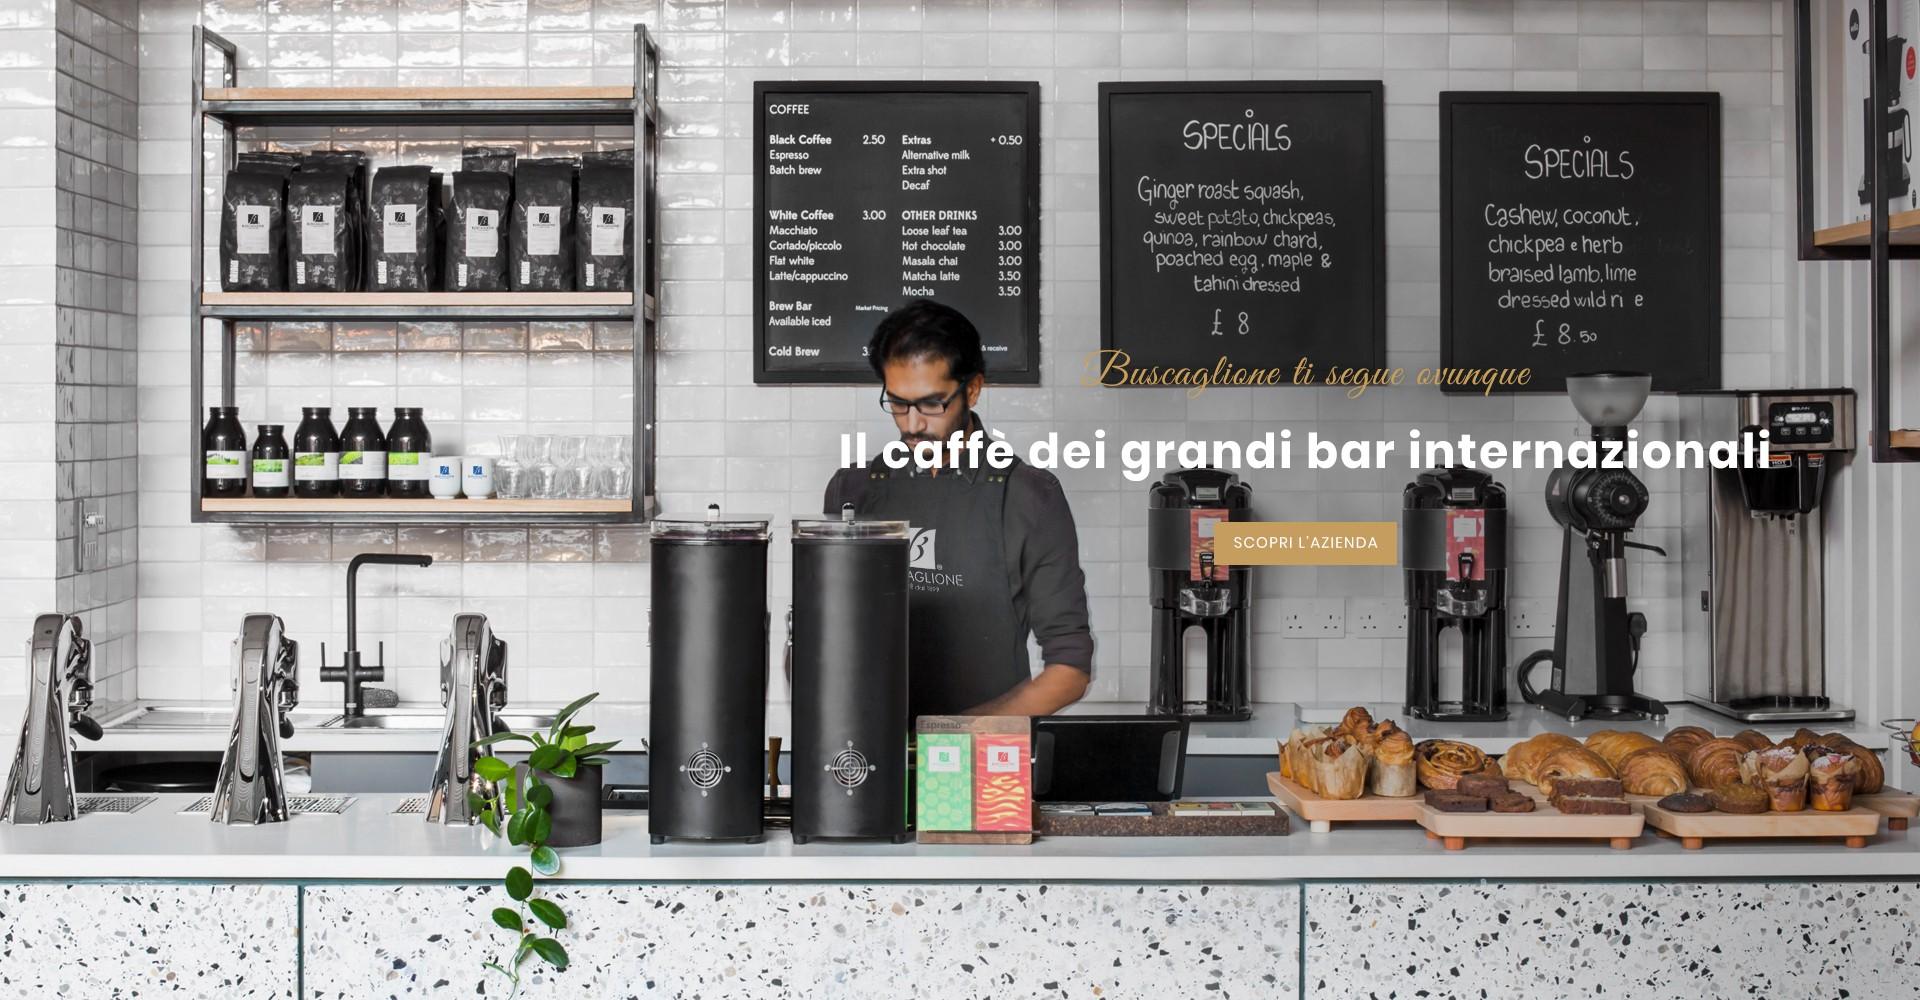 Il caffè dei grandi bar internazionali